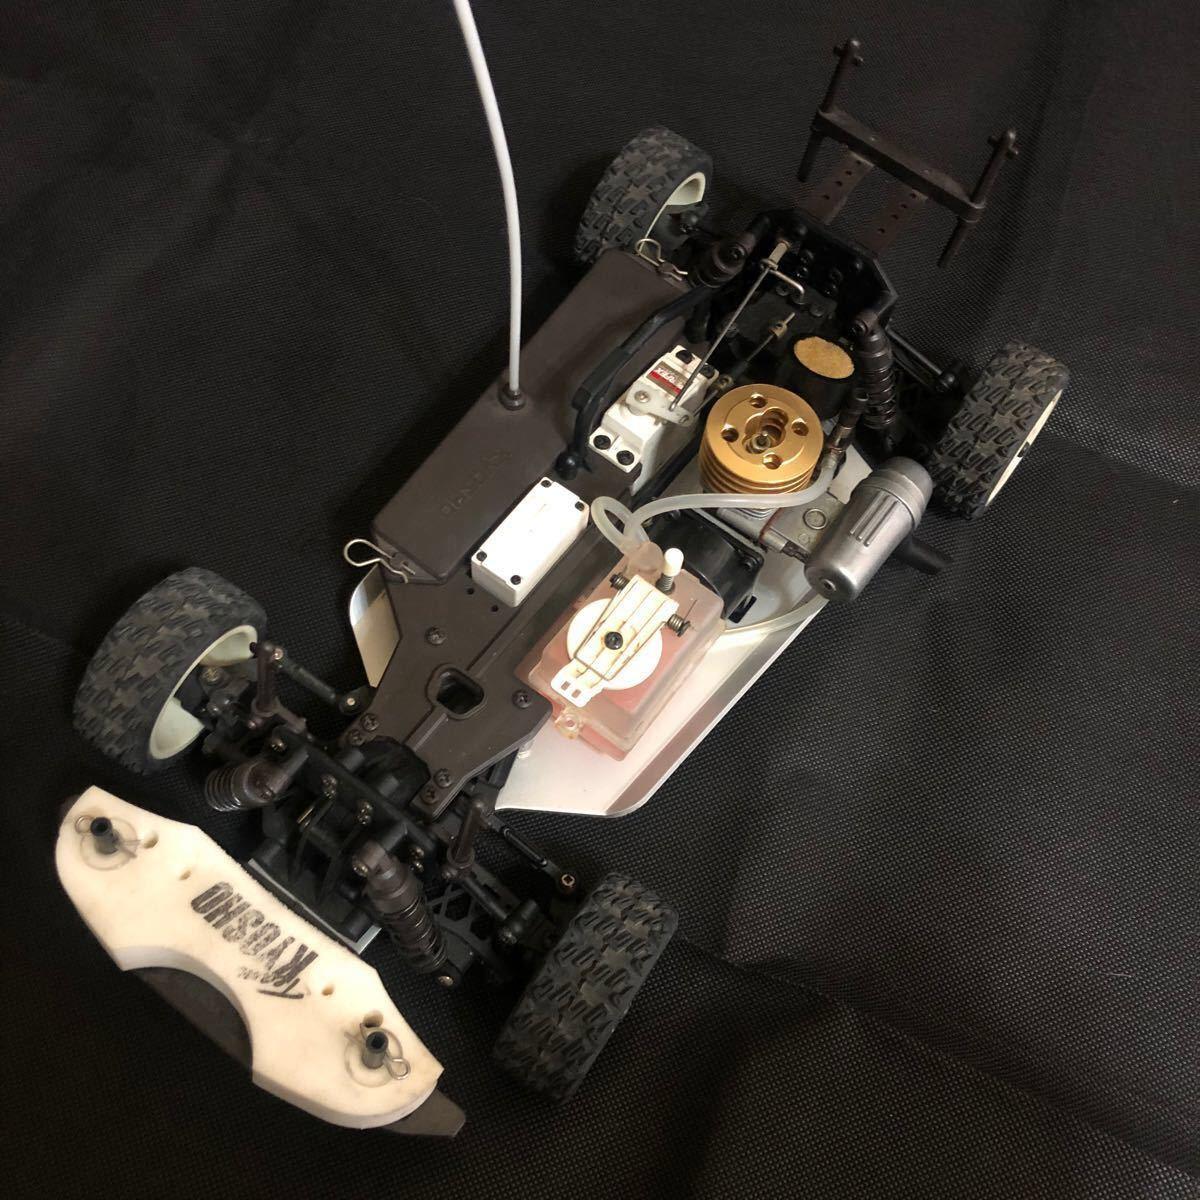 京商  KYOSHO  エンジンカー ラジコン プロポ、ボディセット ジャンク